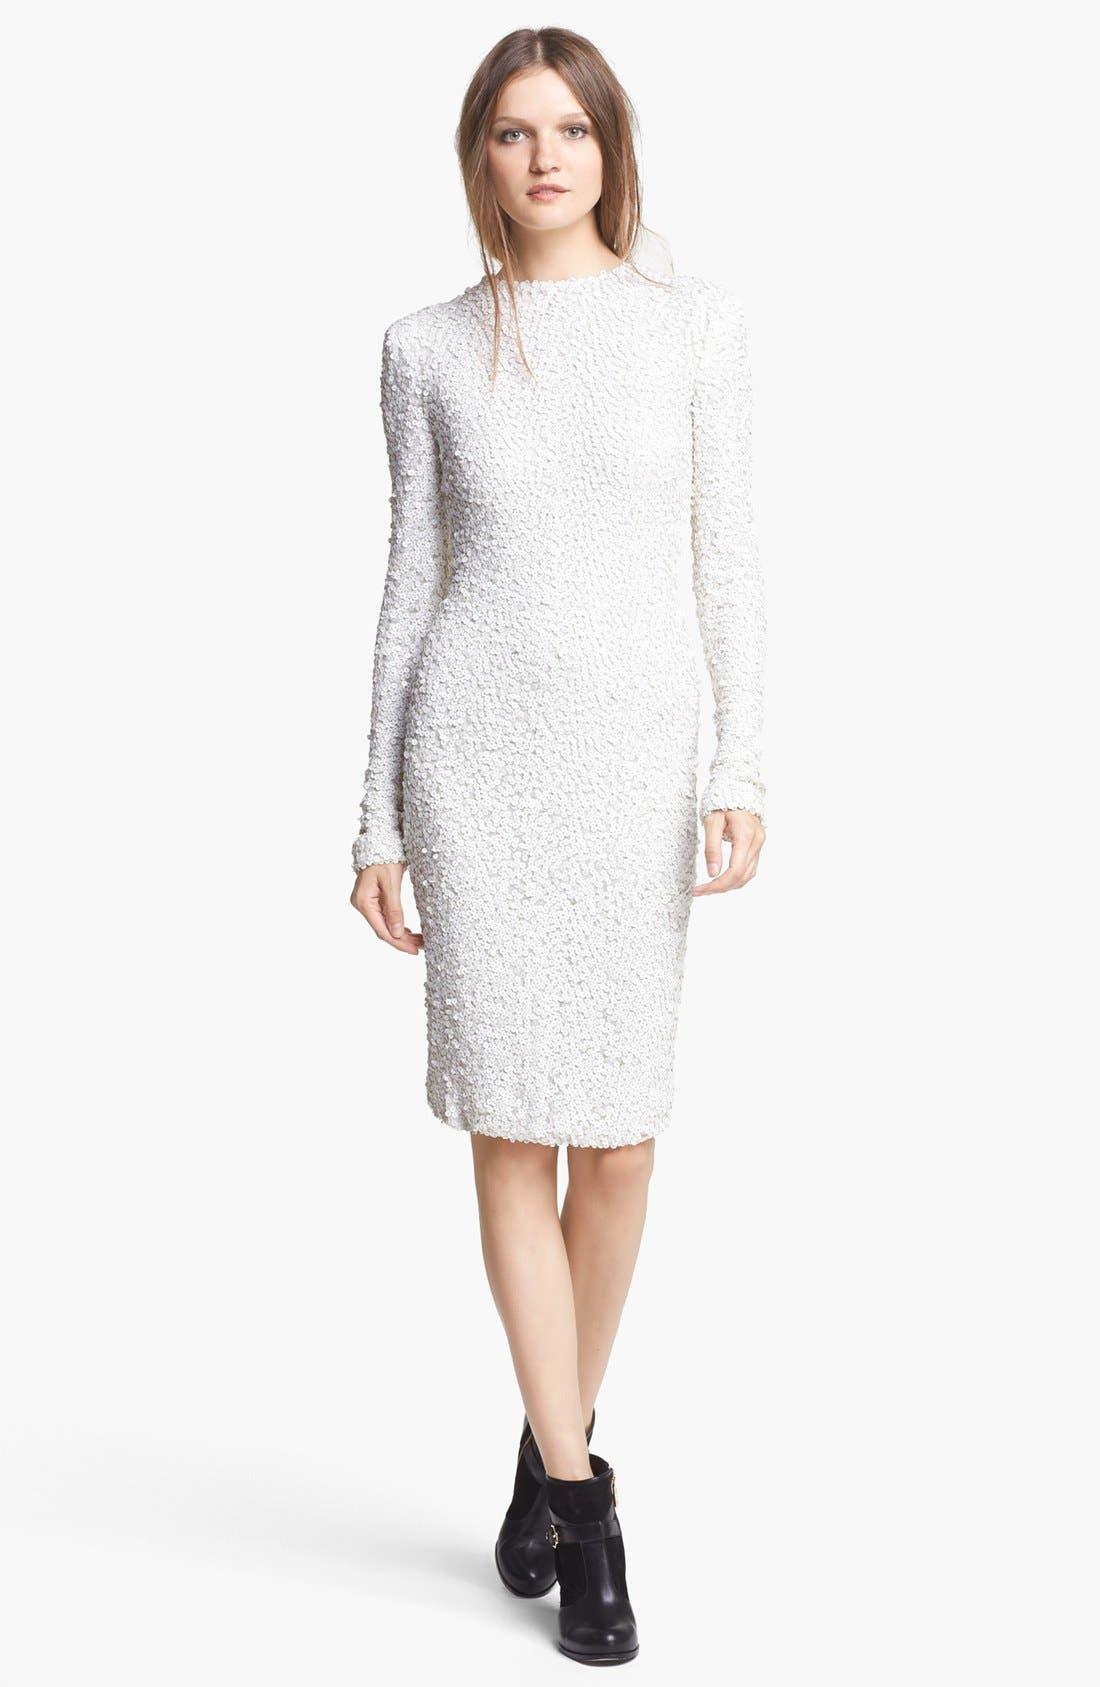 Main Image - Rachel Zoe 'Adrienne' Sequin Dress